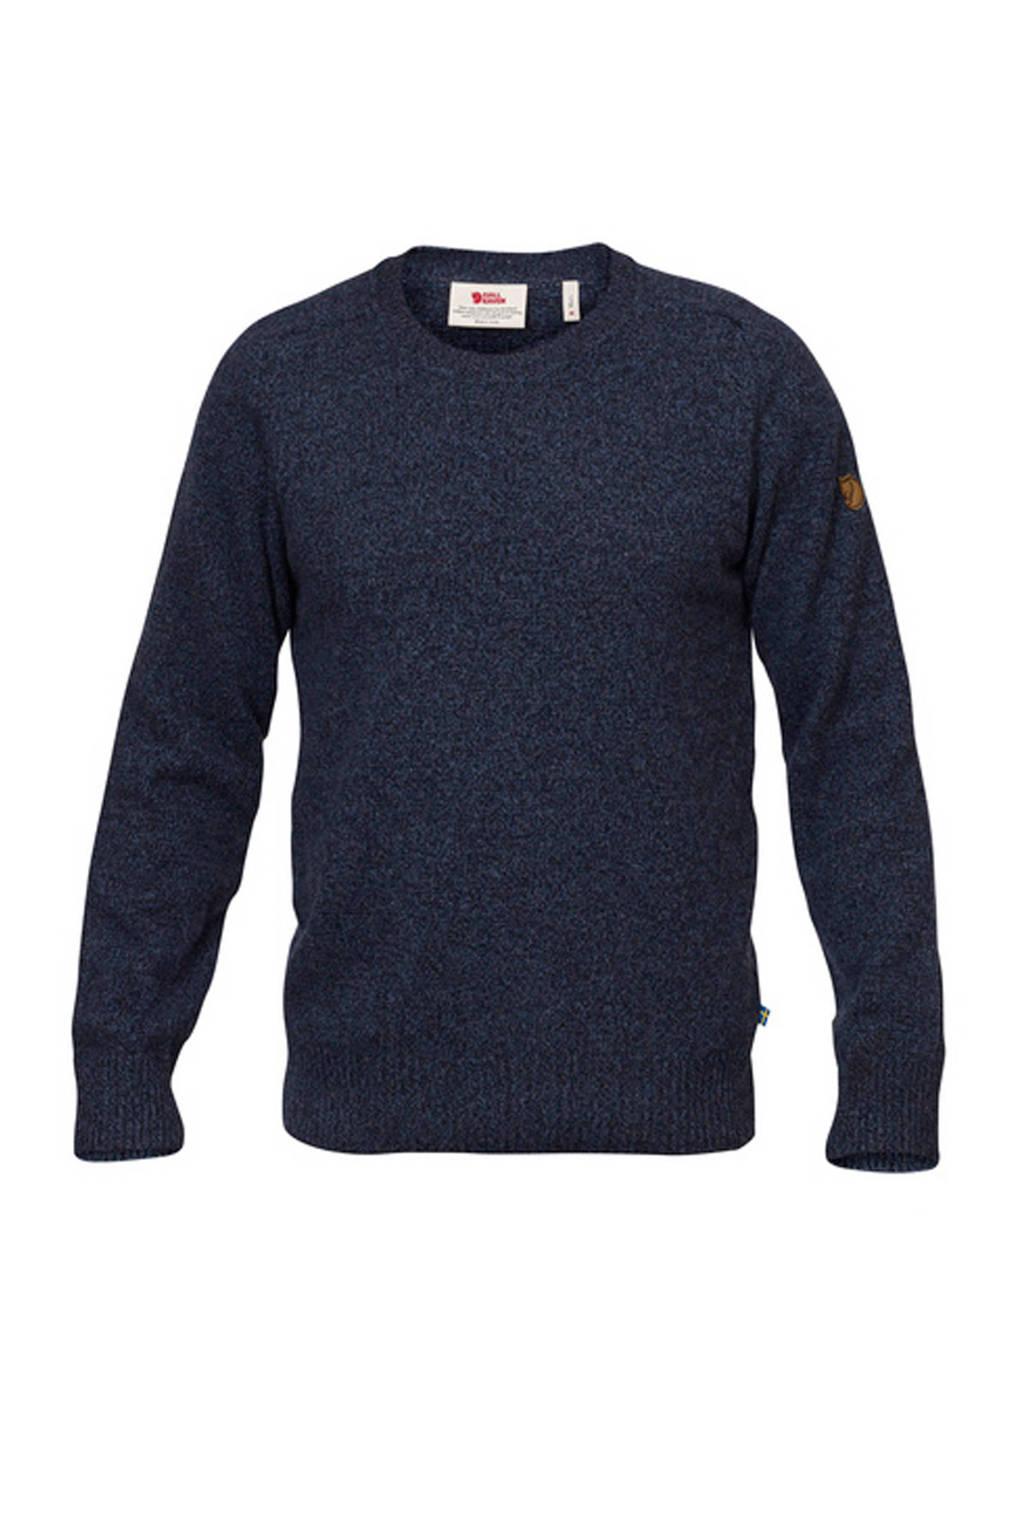 Fjällräven outdoor trui donkerblauw, Dark navy